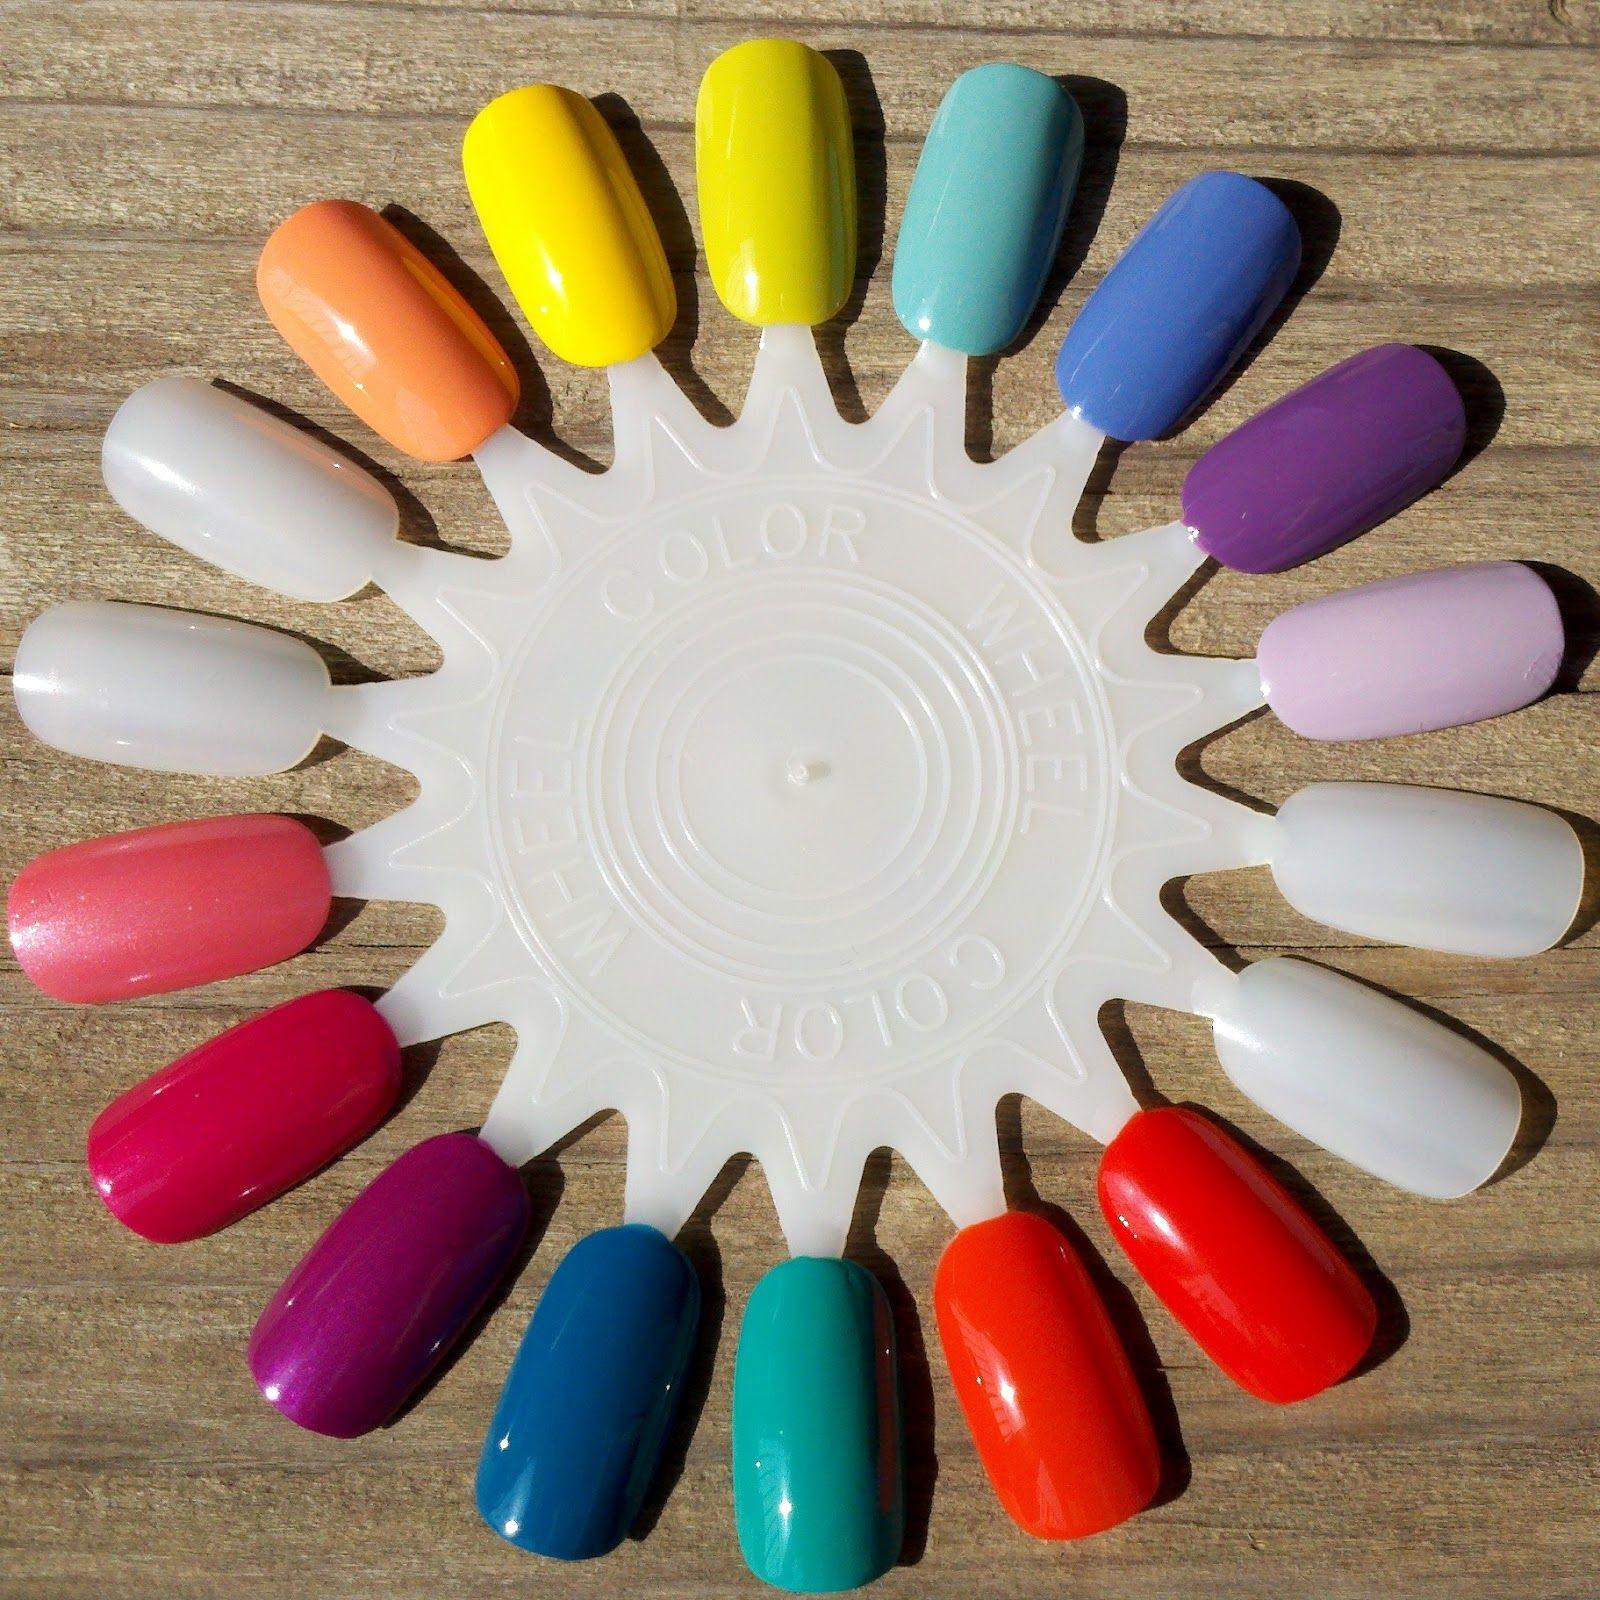 Salonperfect Nail Wheel Swatches Nails Nails Nail Colors Polish